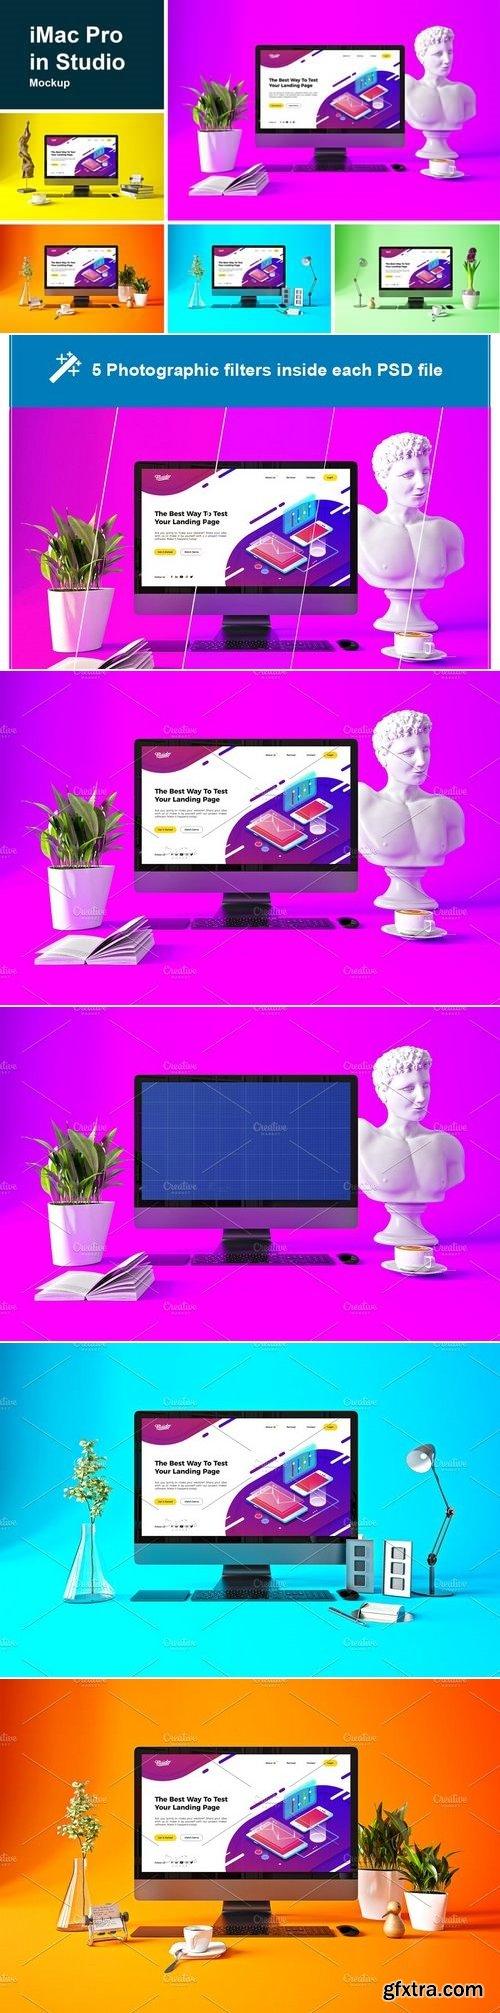 CM - iMac Pro in Studio 3099349